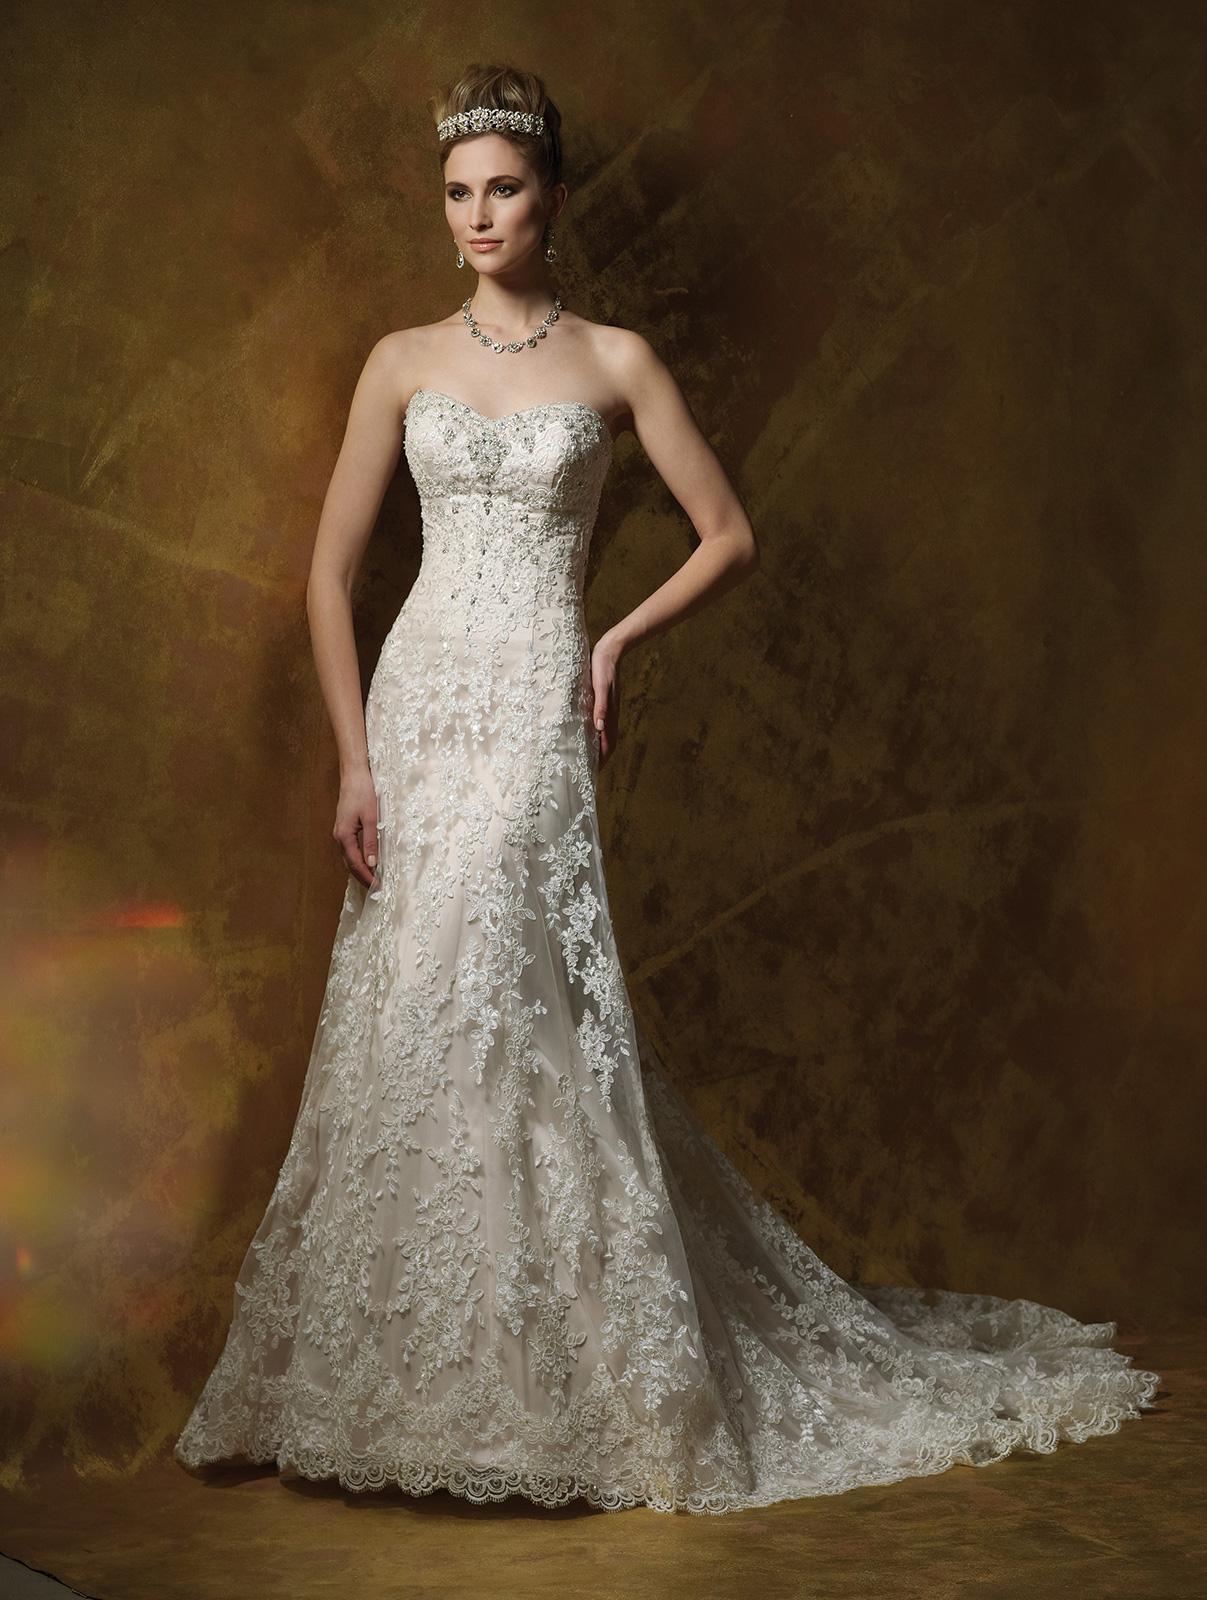 Vestido de Noiva tomara que caia, semi sereia, com sobreposição em renda rebordada em pedrarias com broche em cristais e leve cauda.